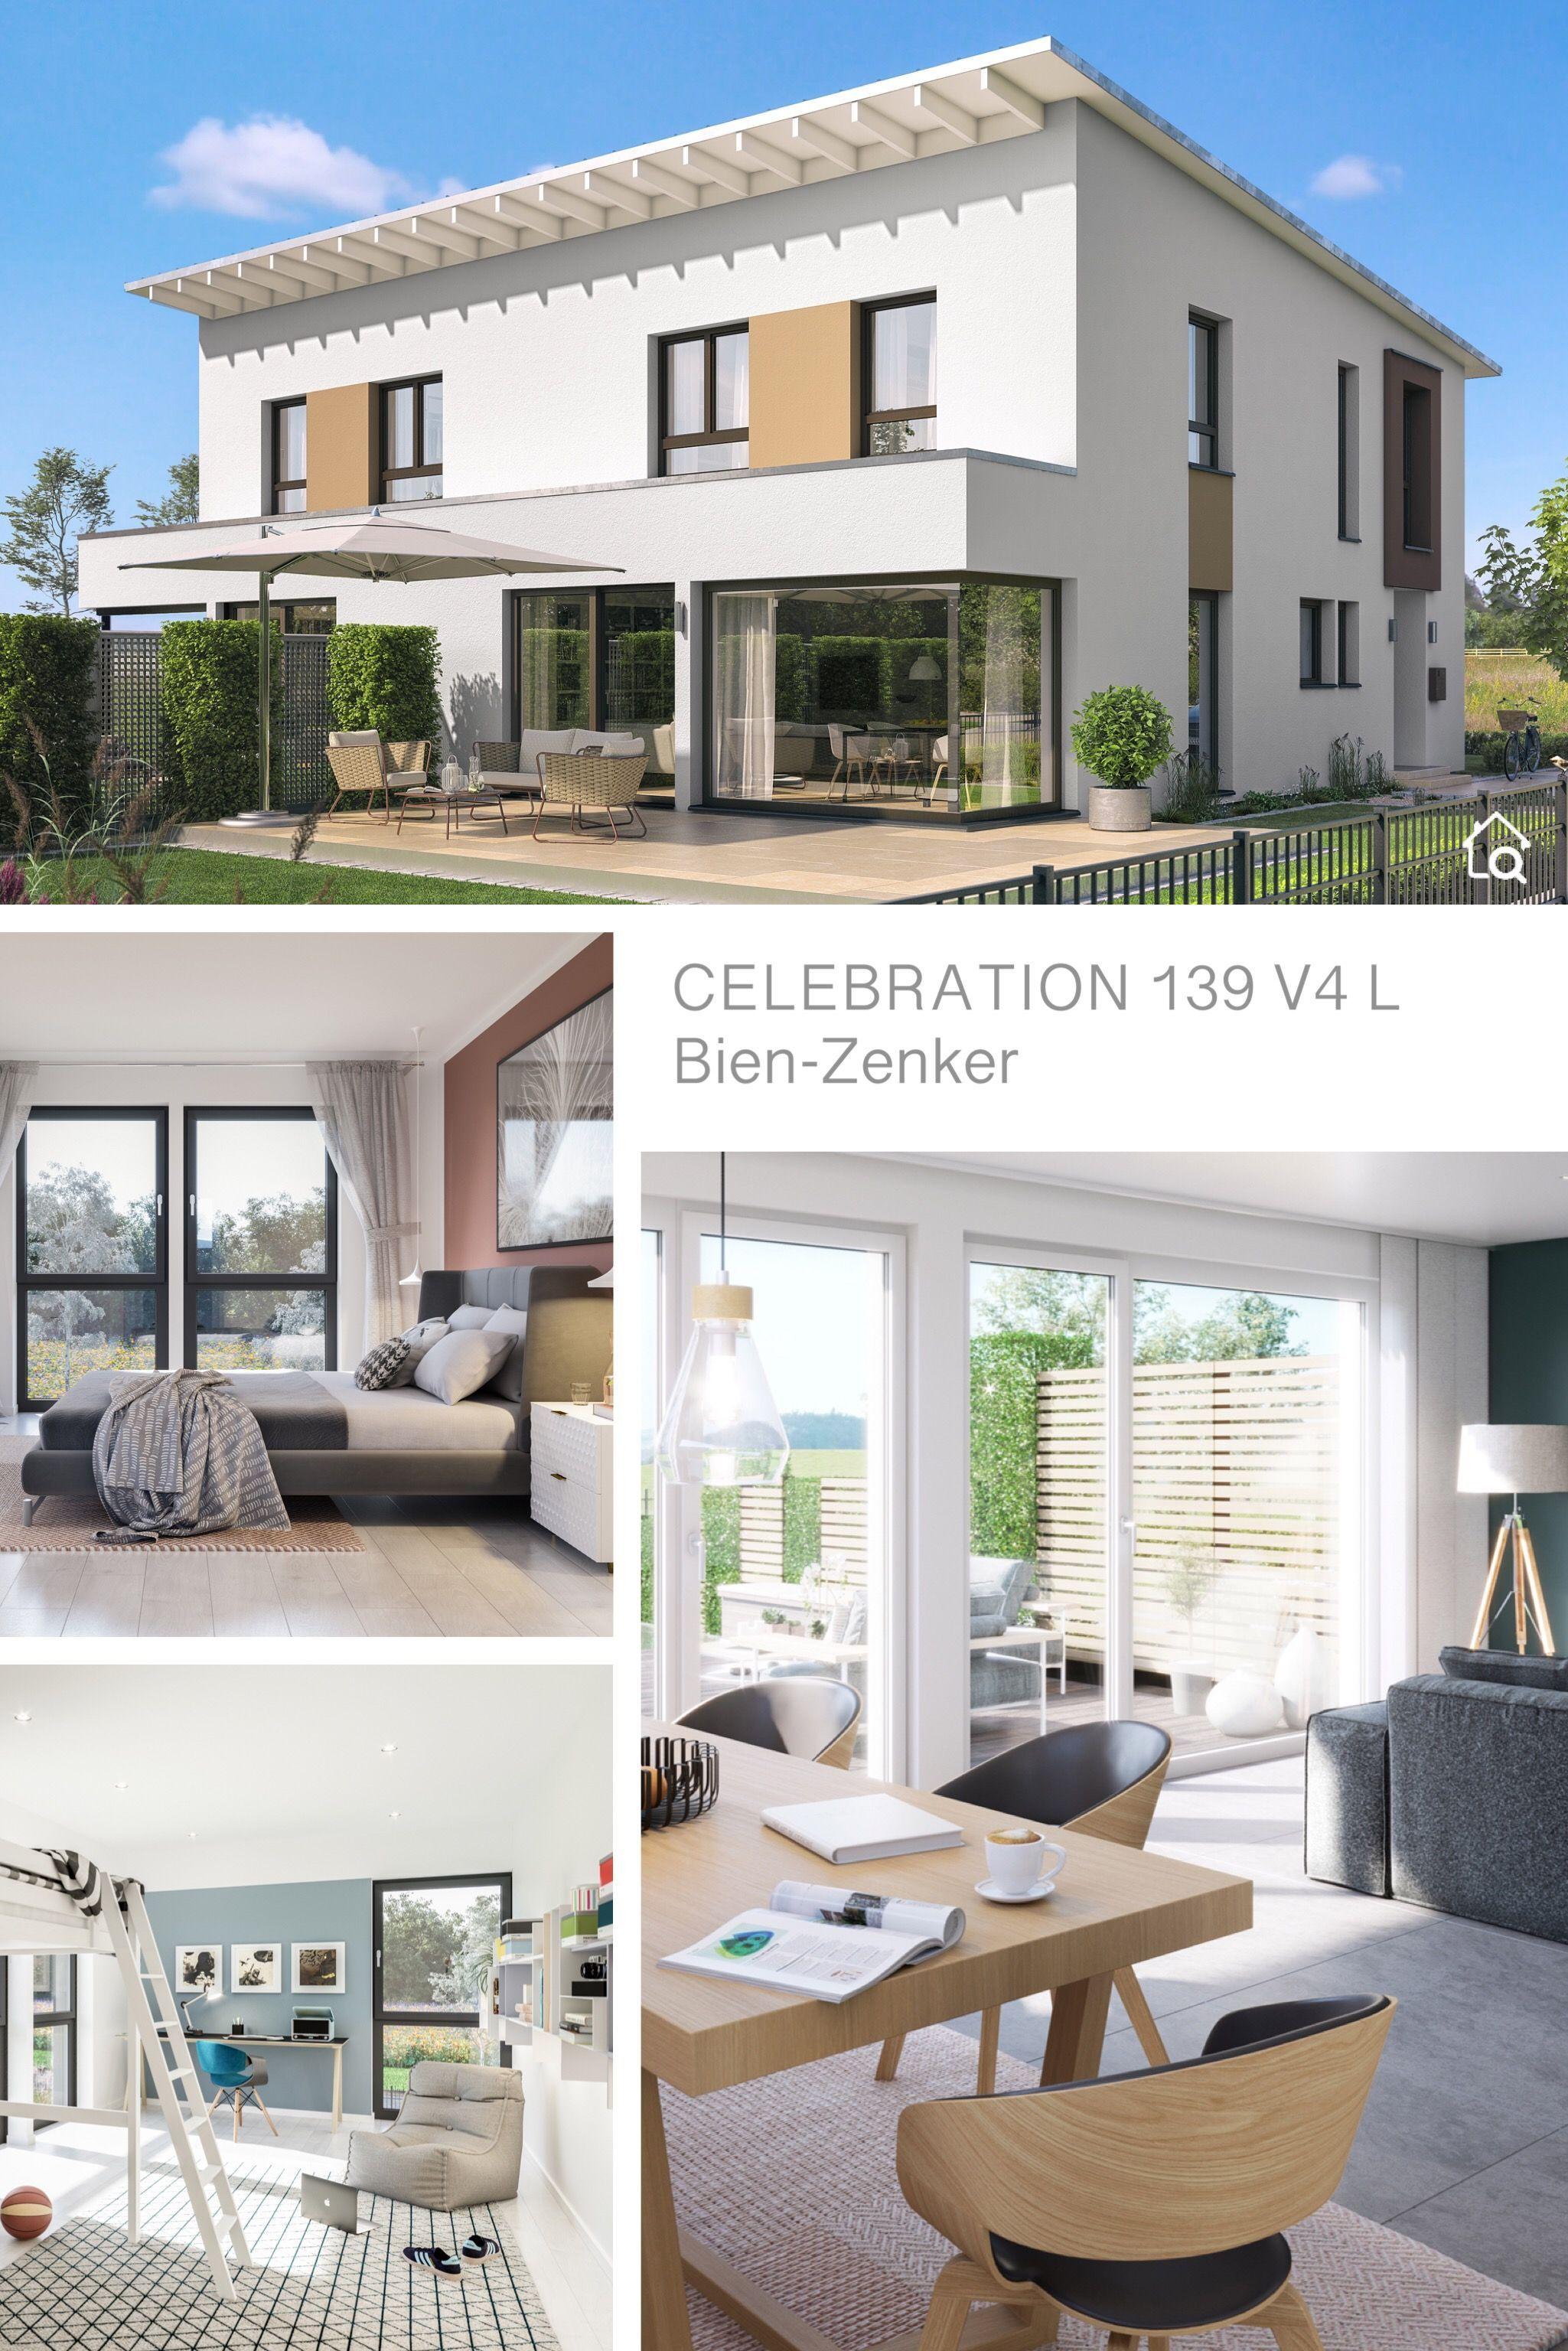 Modernes Doppelhaus mit Pultdach Architektur & 4 Zimmer